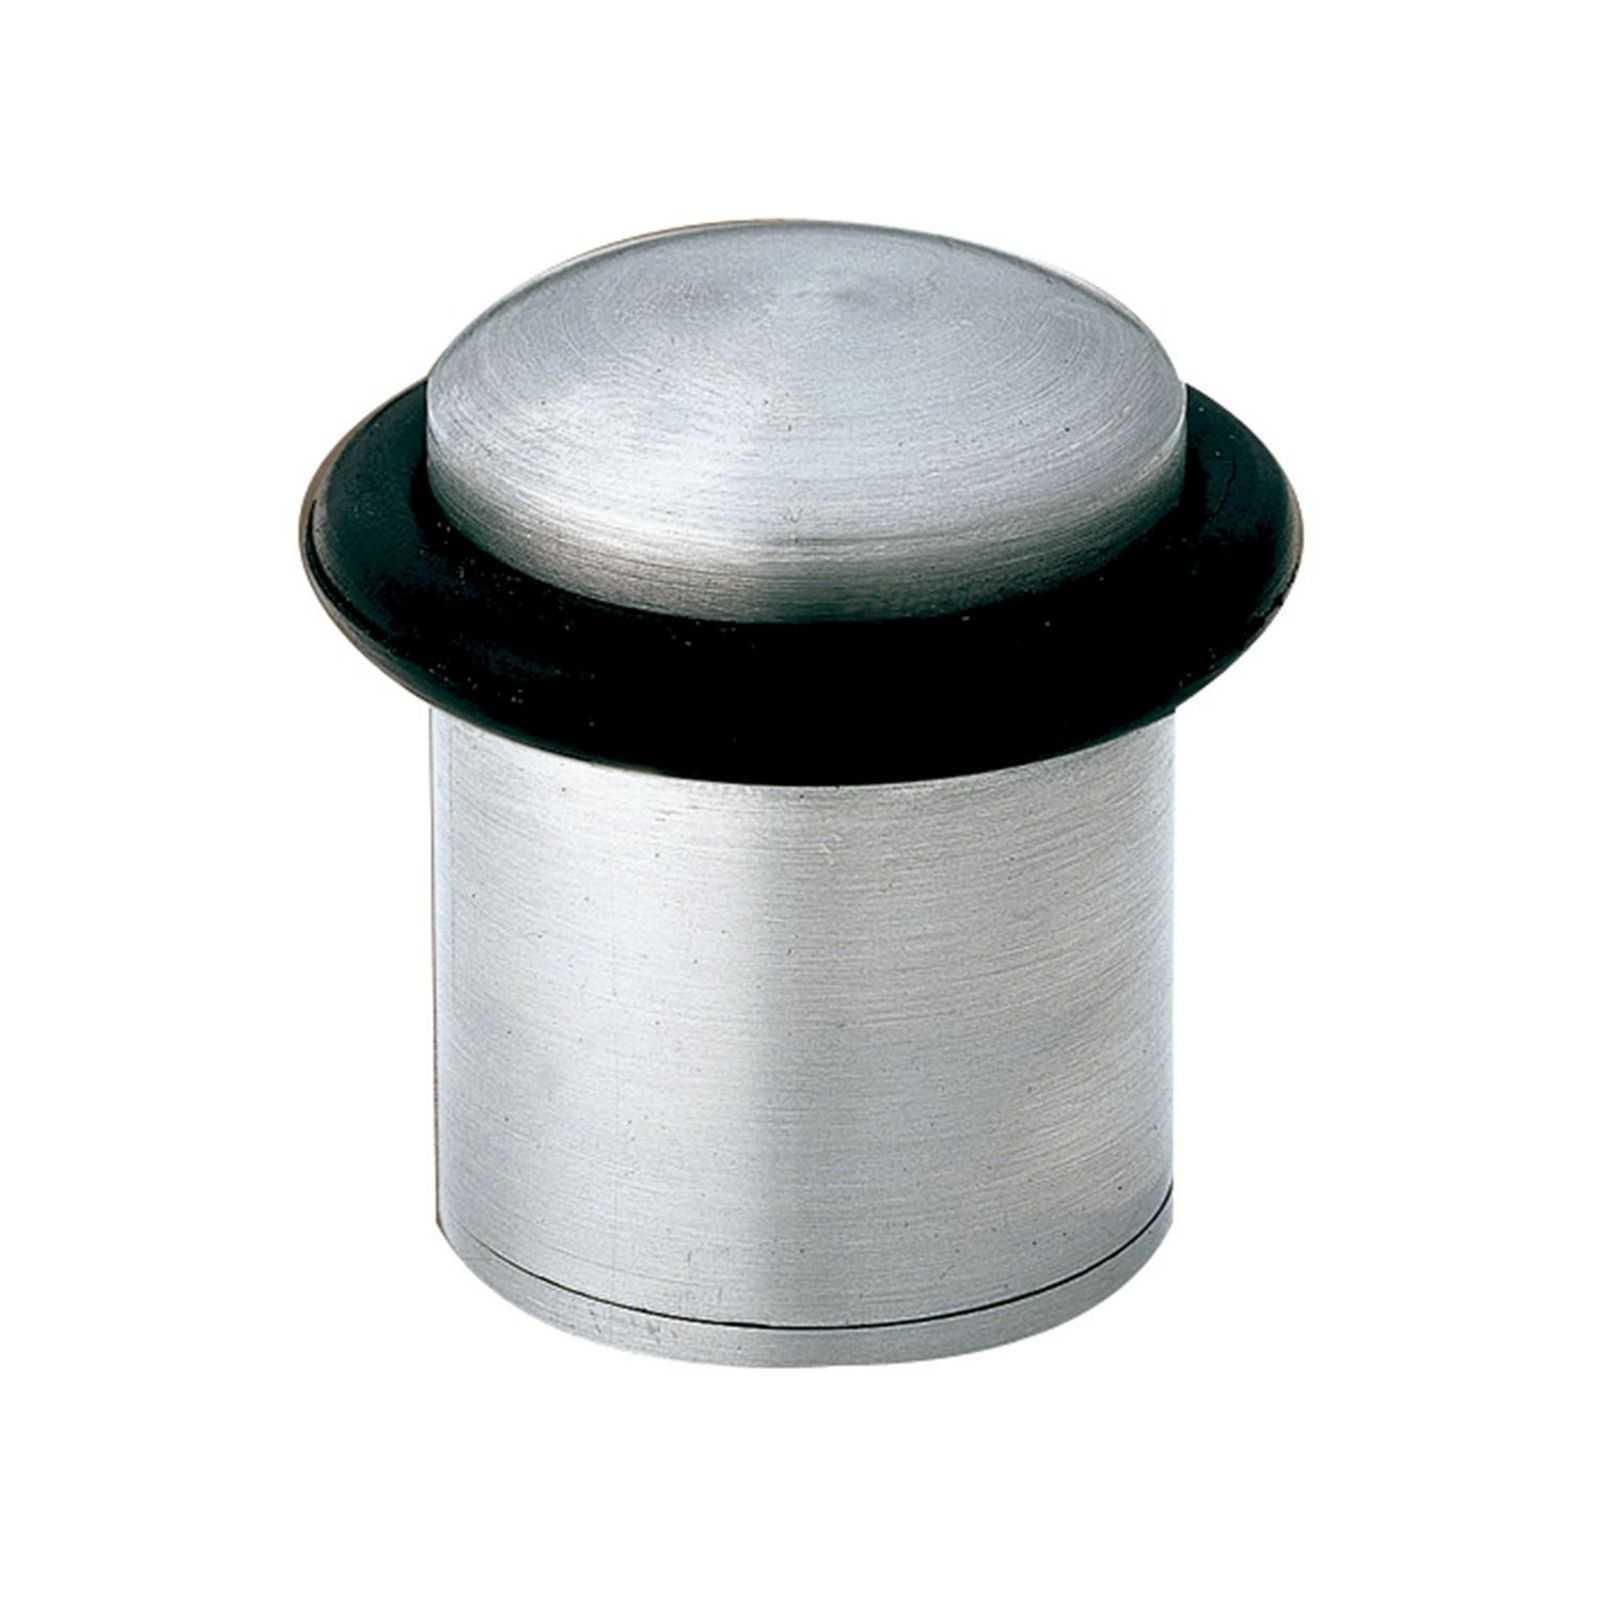 Ограничитель дверной КL-116 NO-2 матовый хром (9846)